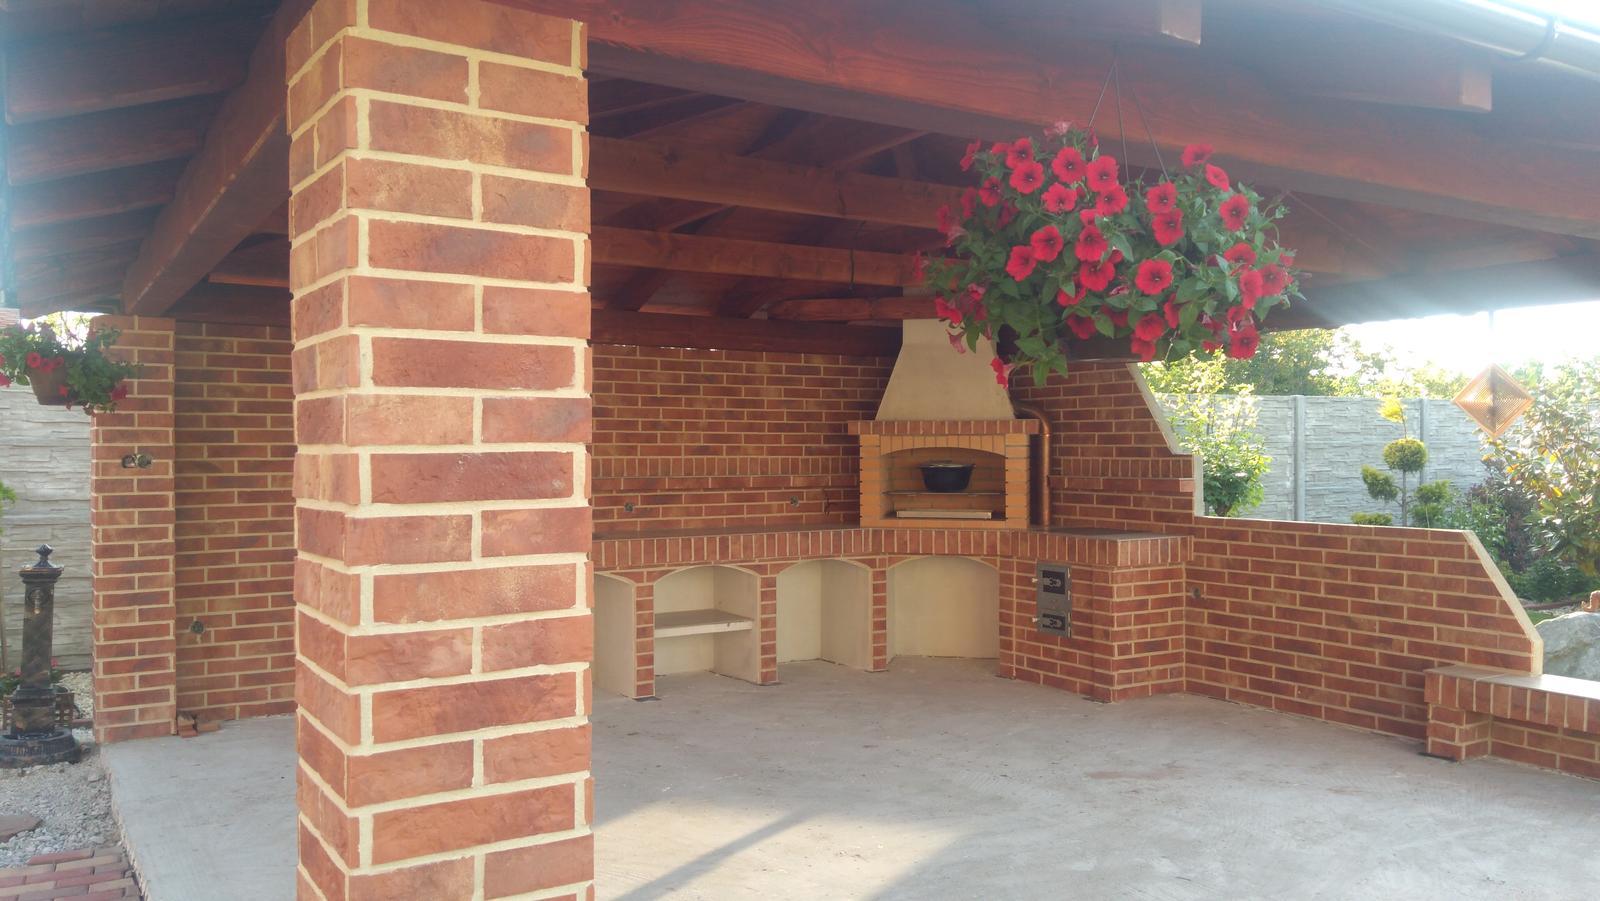 tehlové a  kamenné obklady  - REALIZACIE - tehlový obklad RED + bielobežová špárovka, cenníková cena 28 eur/m2, pri osobnom stretnutí poskytujeme výrazné zľavy